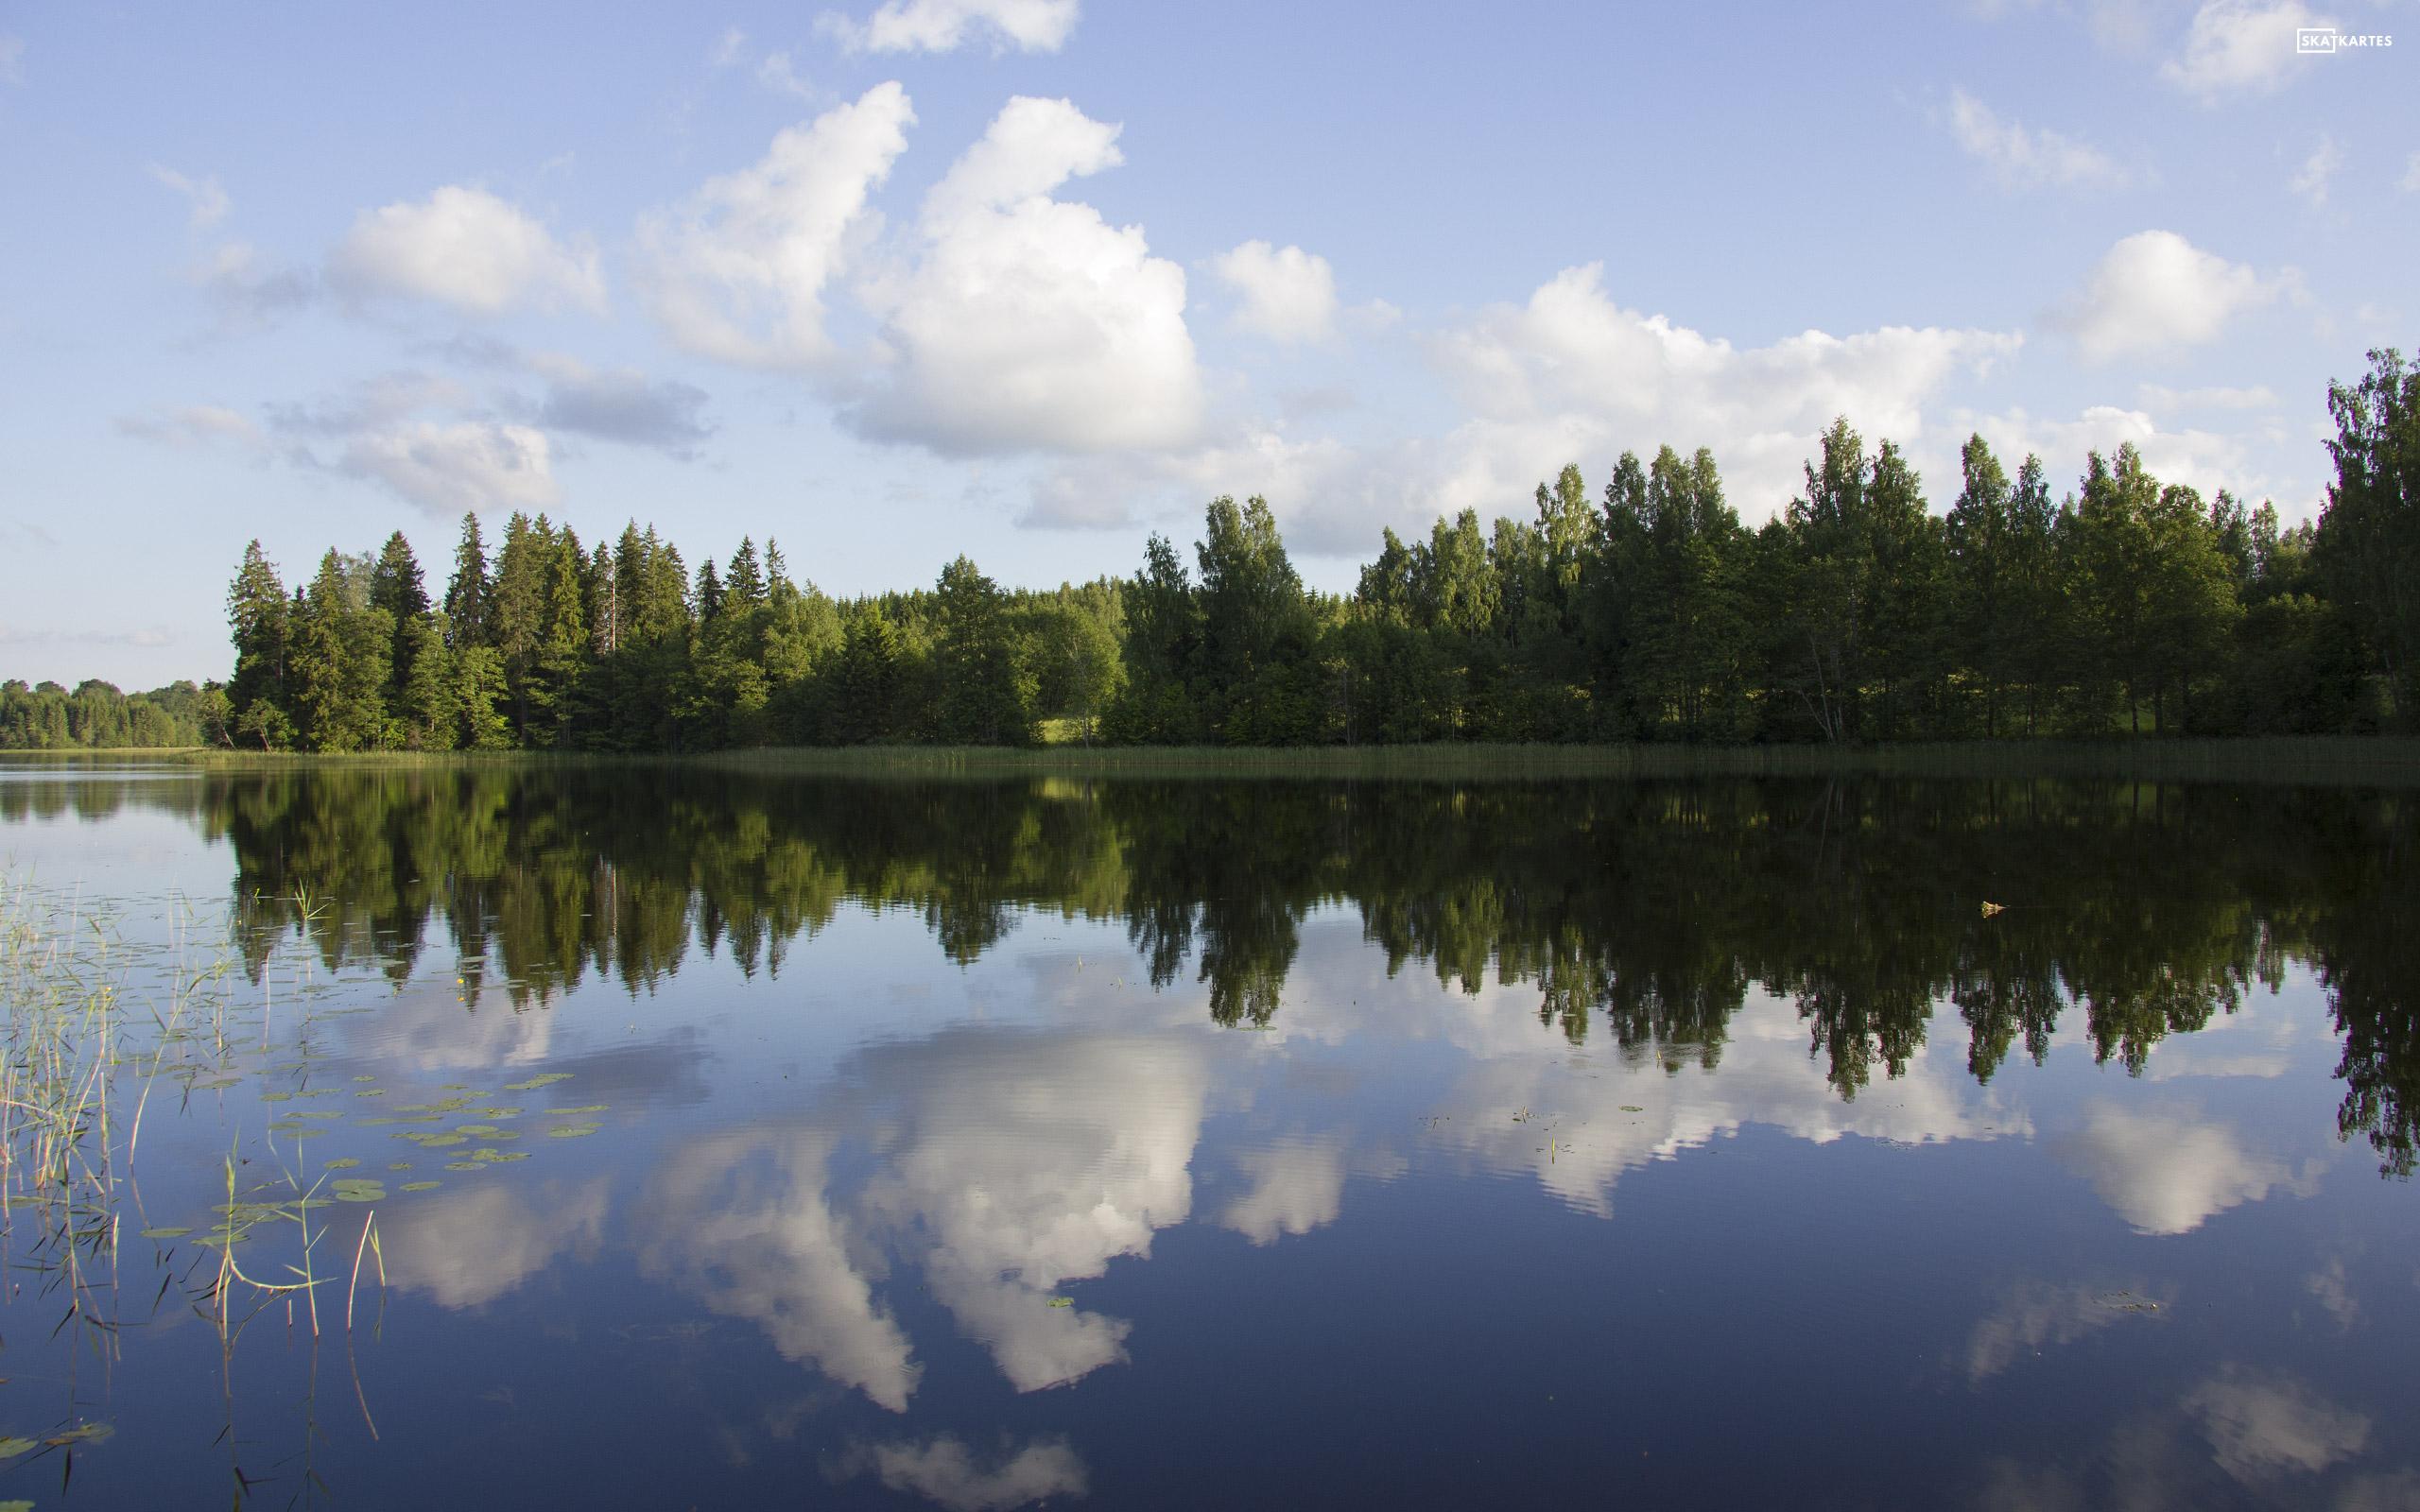 Skatkarte Nr. 1041-1 - Lizdoles ezers un apkārtne (2015. gada jūnijs).